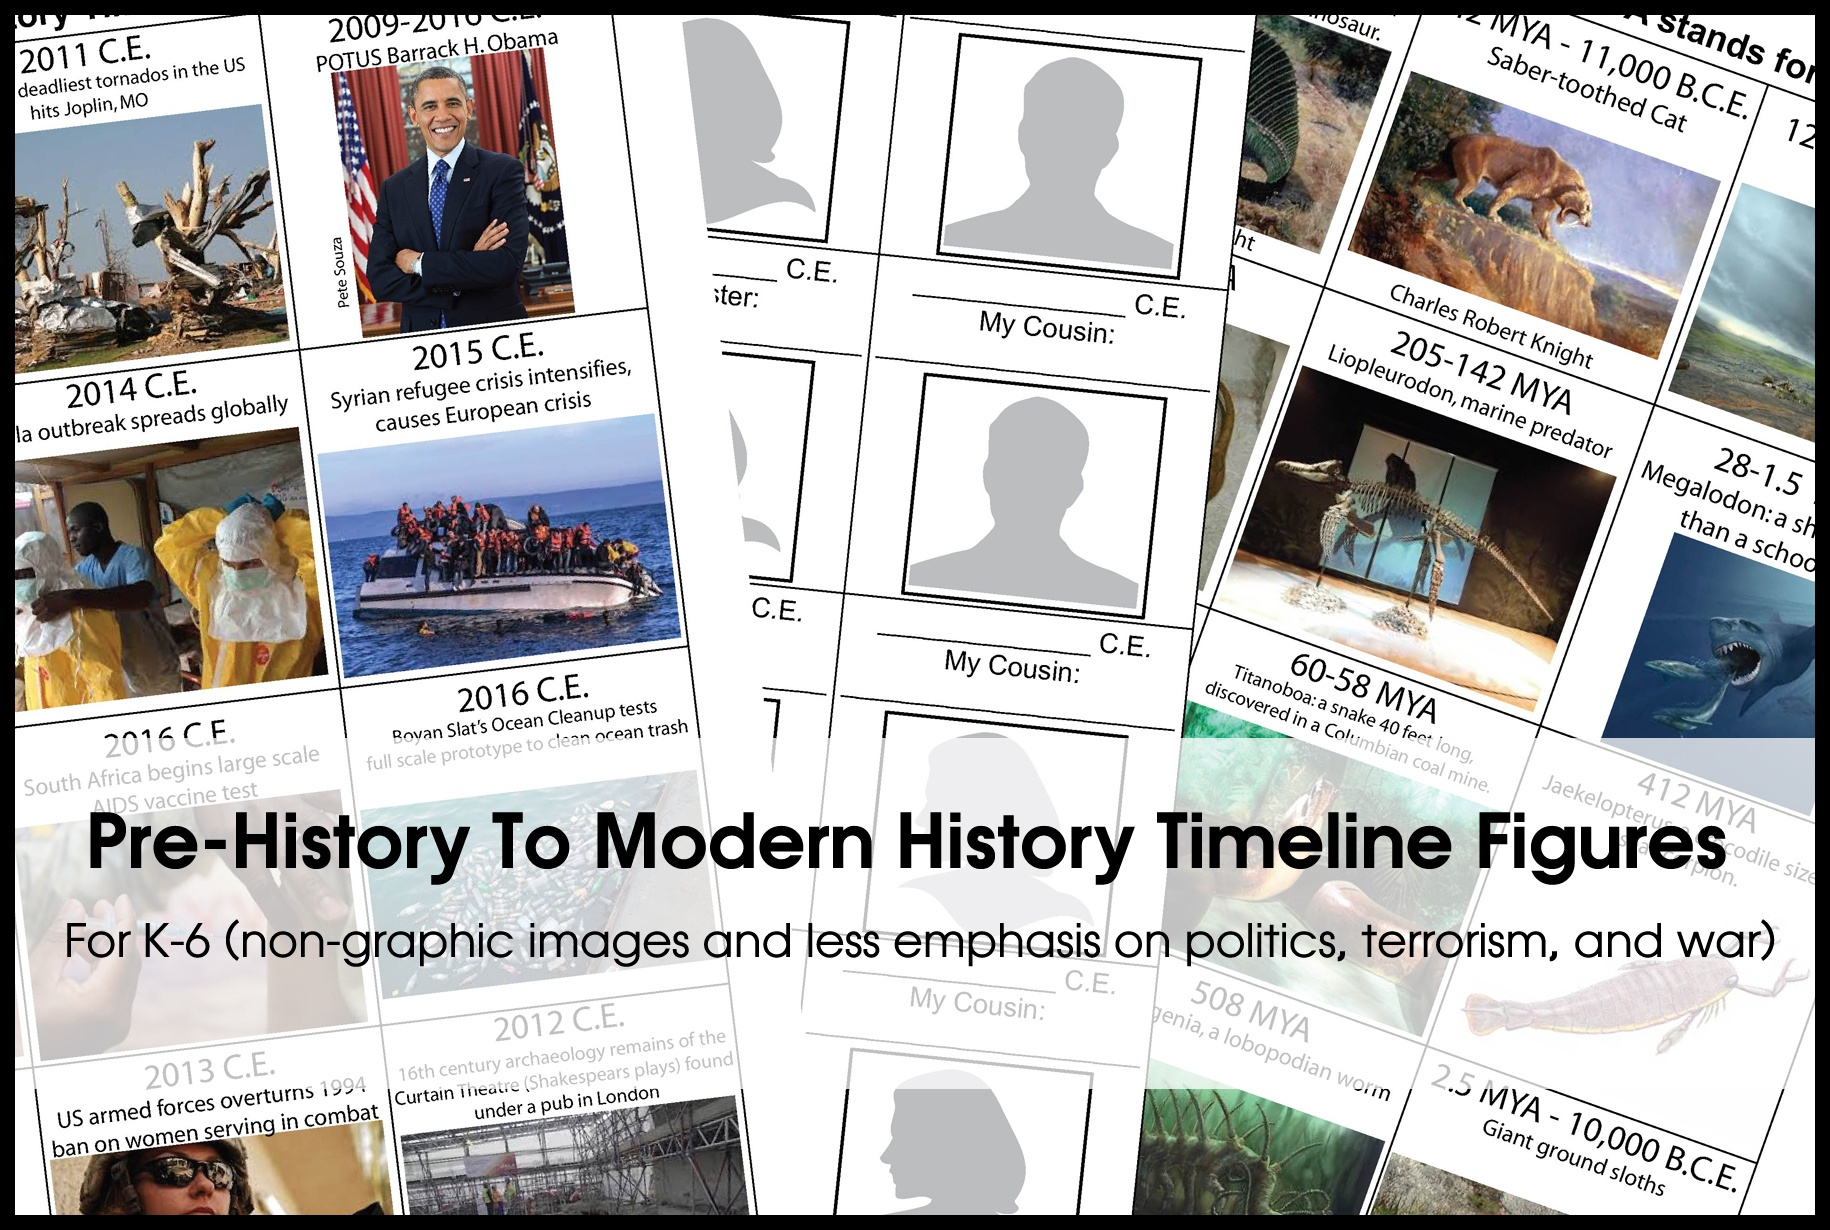 Timeline Figures For K-6: Free Printable ~ Homeschooling2E - Free Printable Timeline Figures